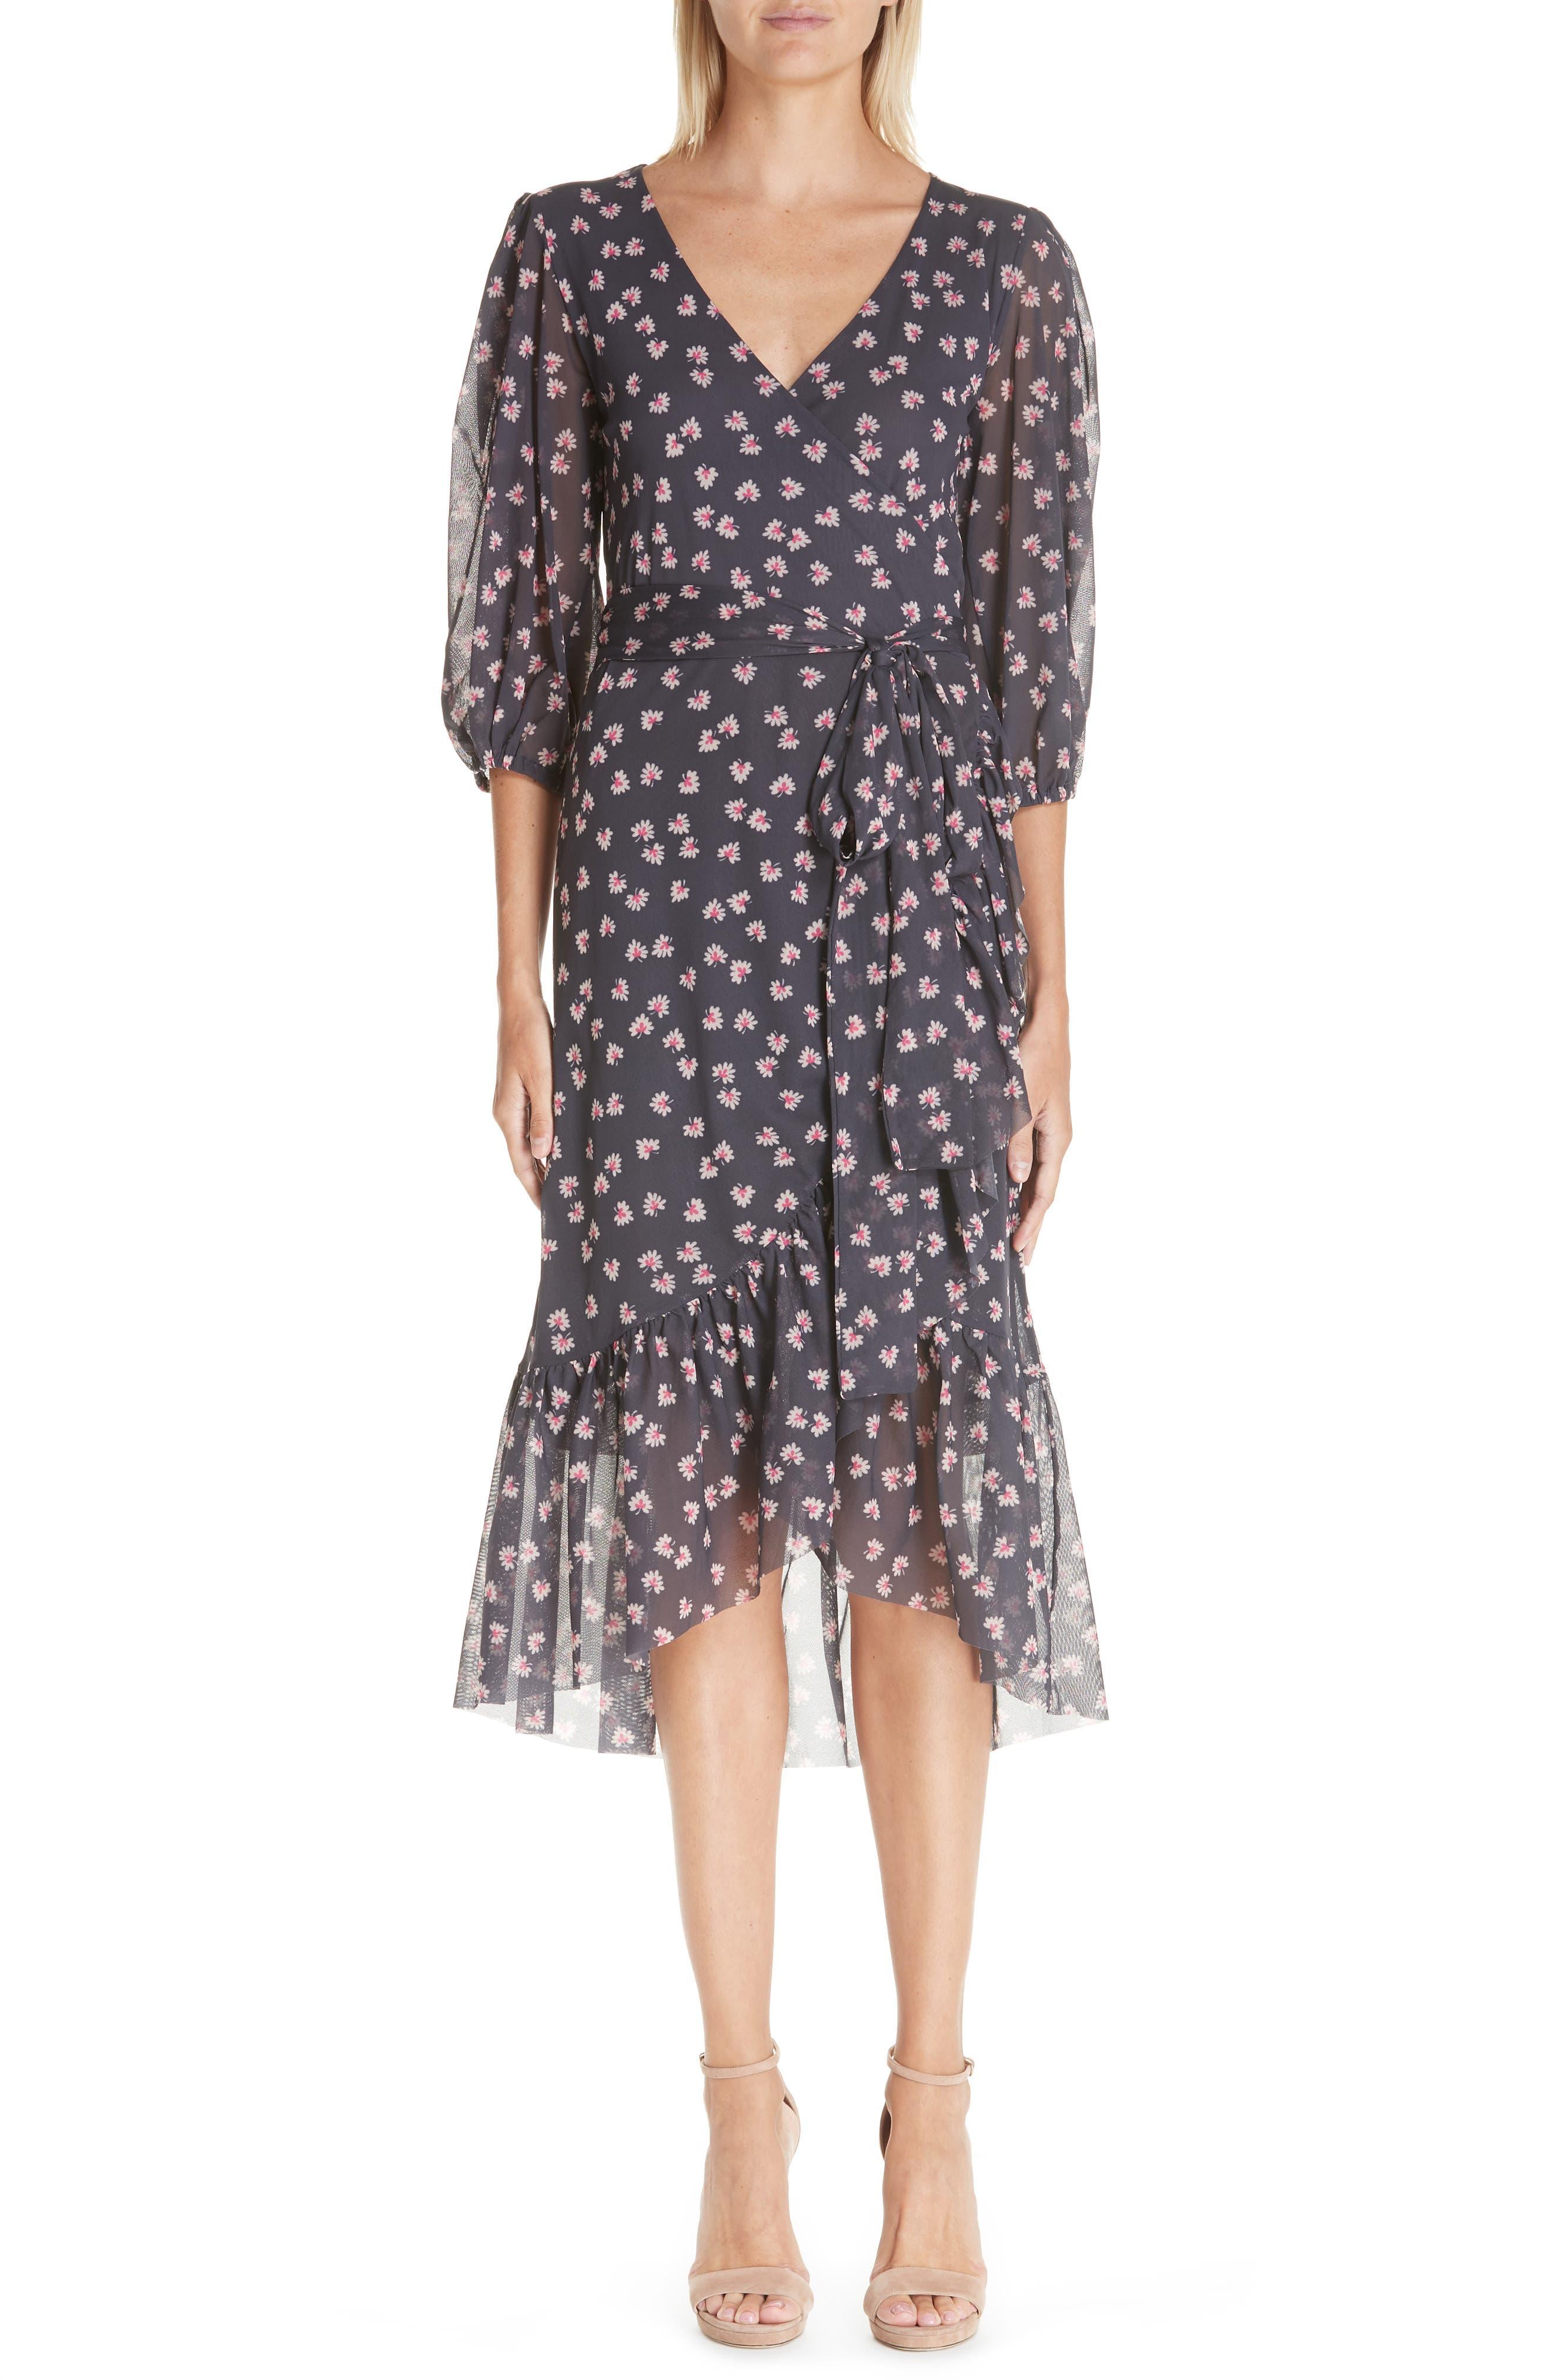 GANNI Floral Print Wrap Dress, Main, color, 400